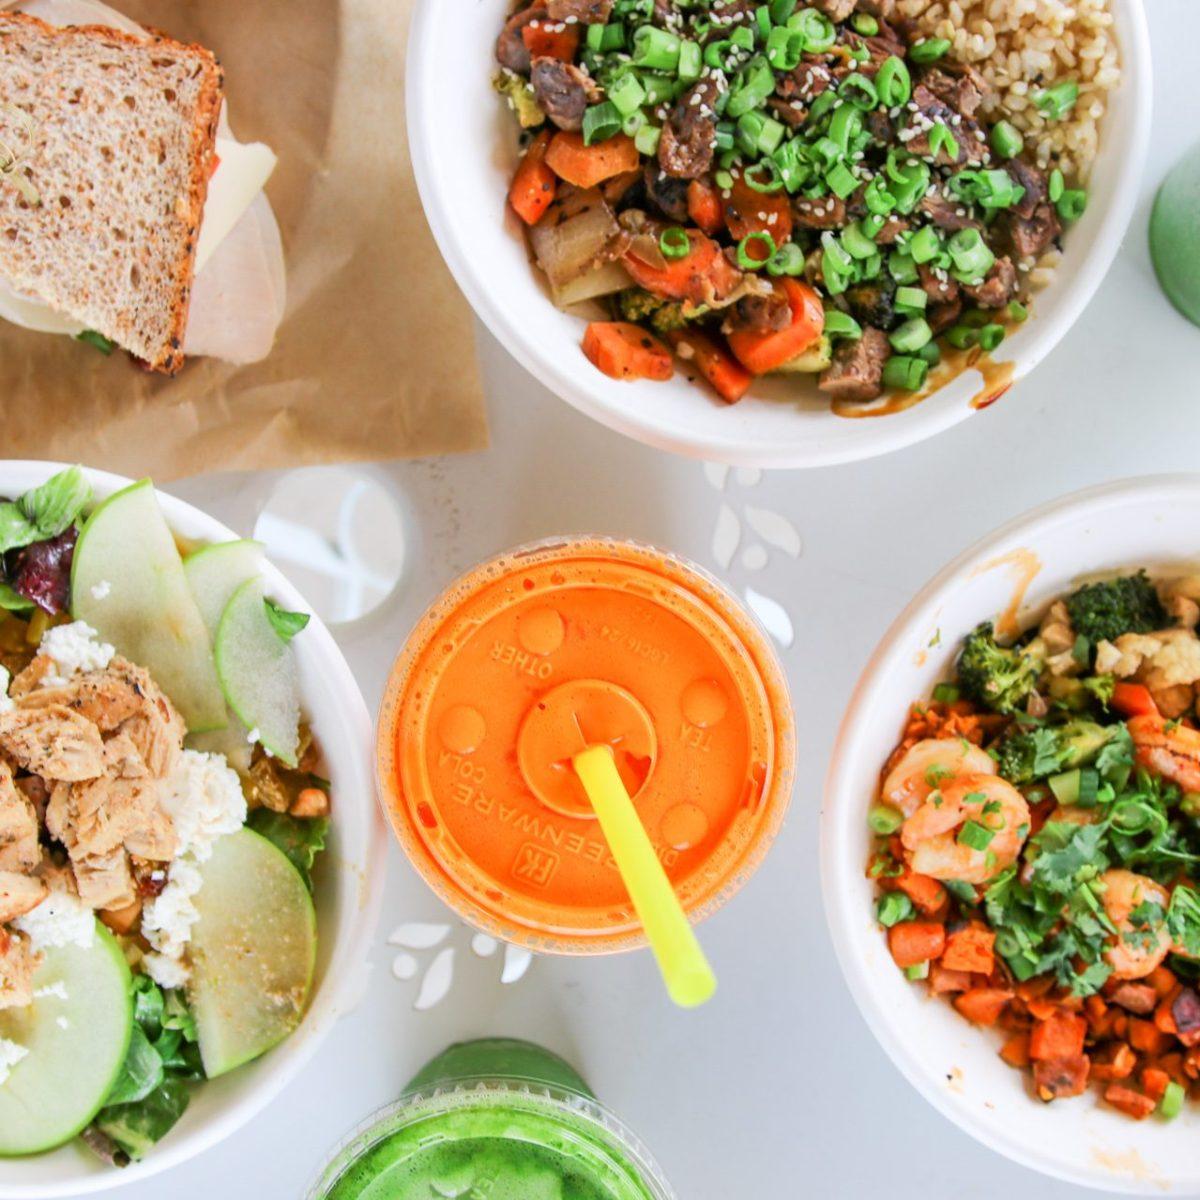 healthy food near